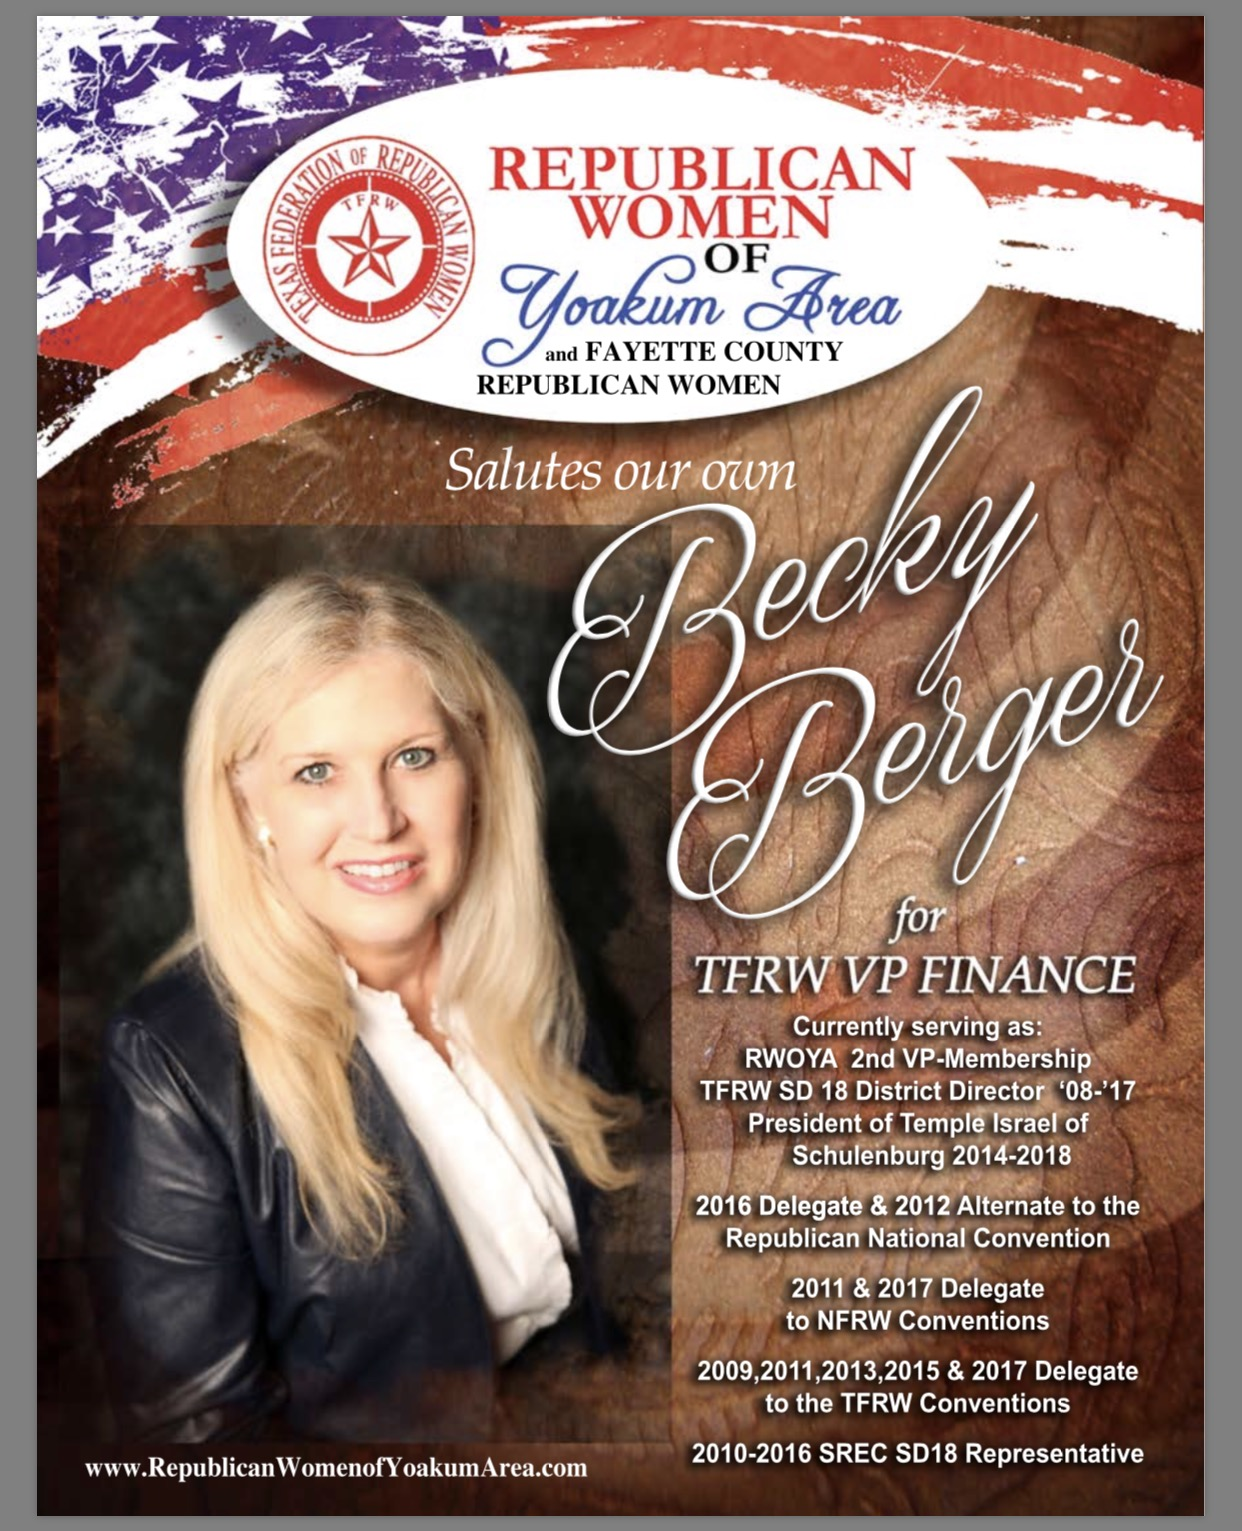 Becky Berger VP Finance TFRW jpg